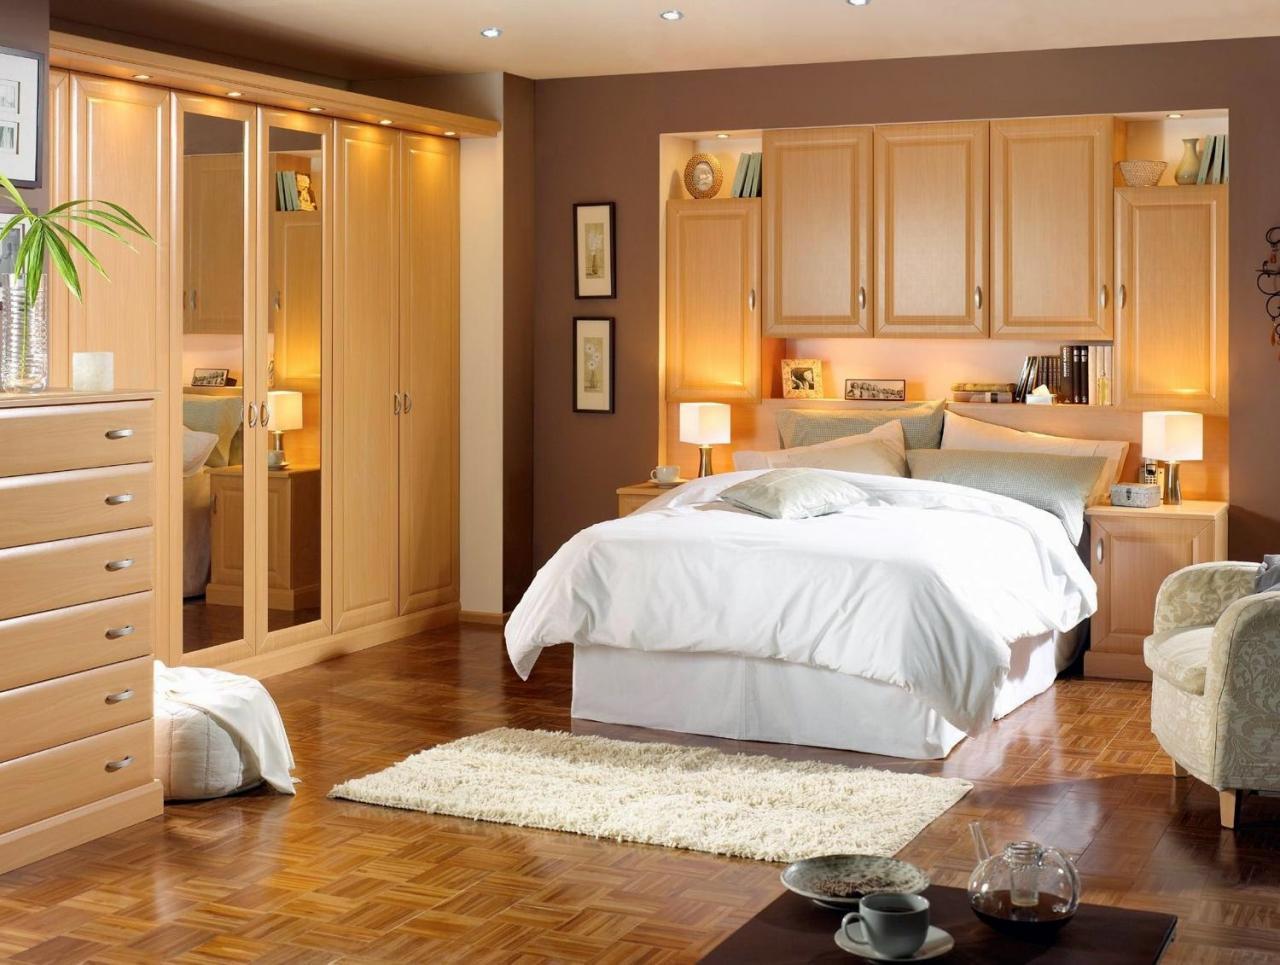 بالصور حمامات داخل غرف النوم , كيفية تنسيق الوان الحمامات مع باقى المنزل 4820 9